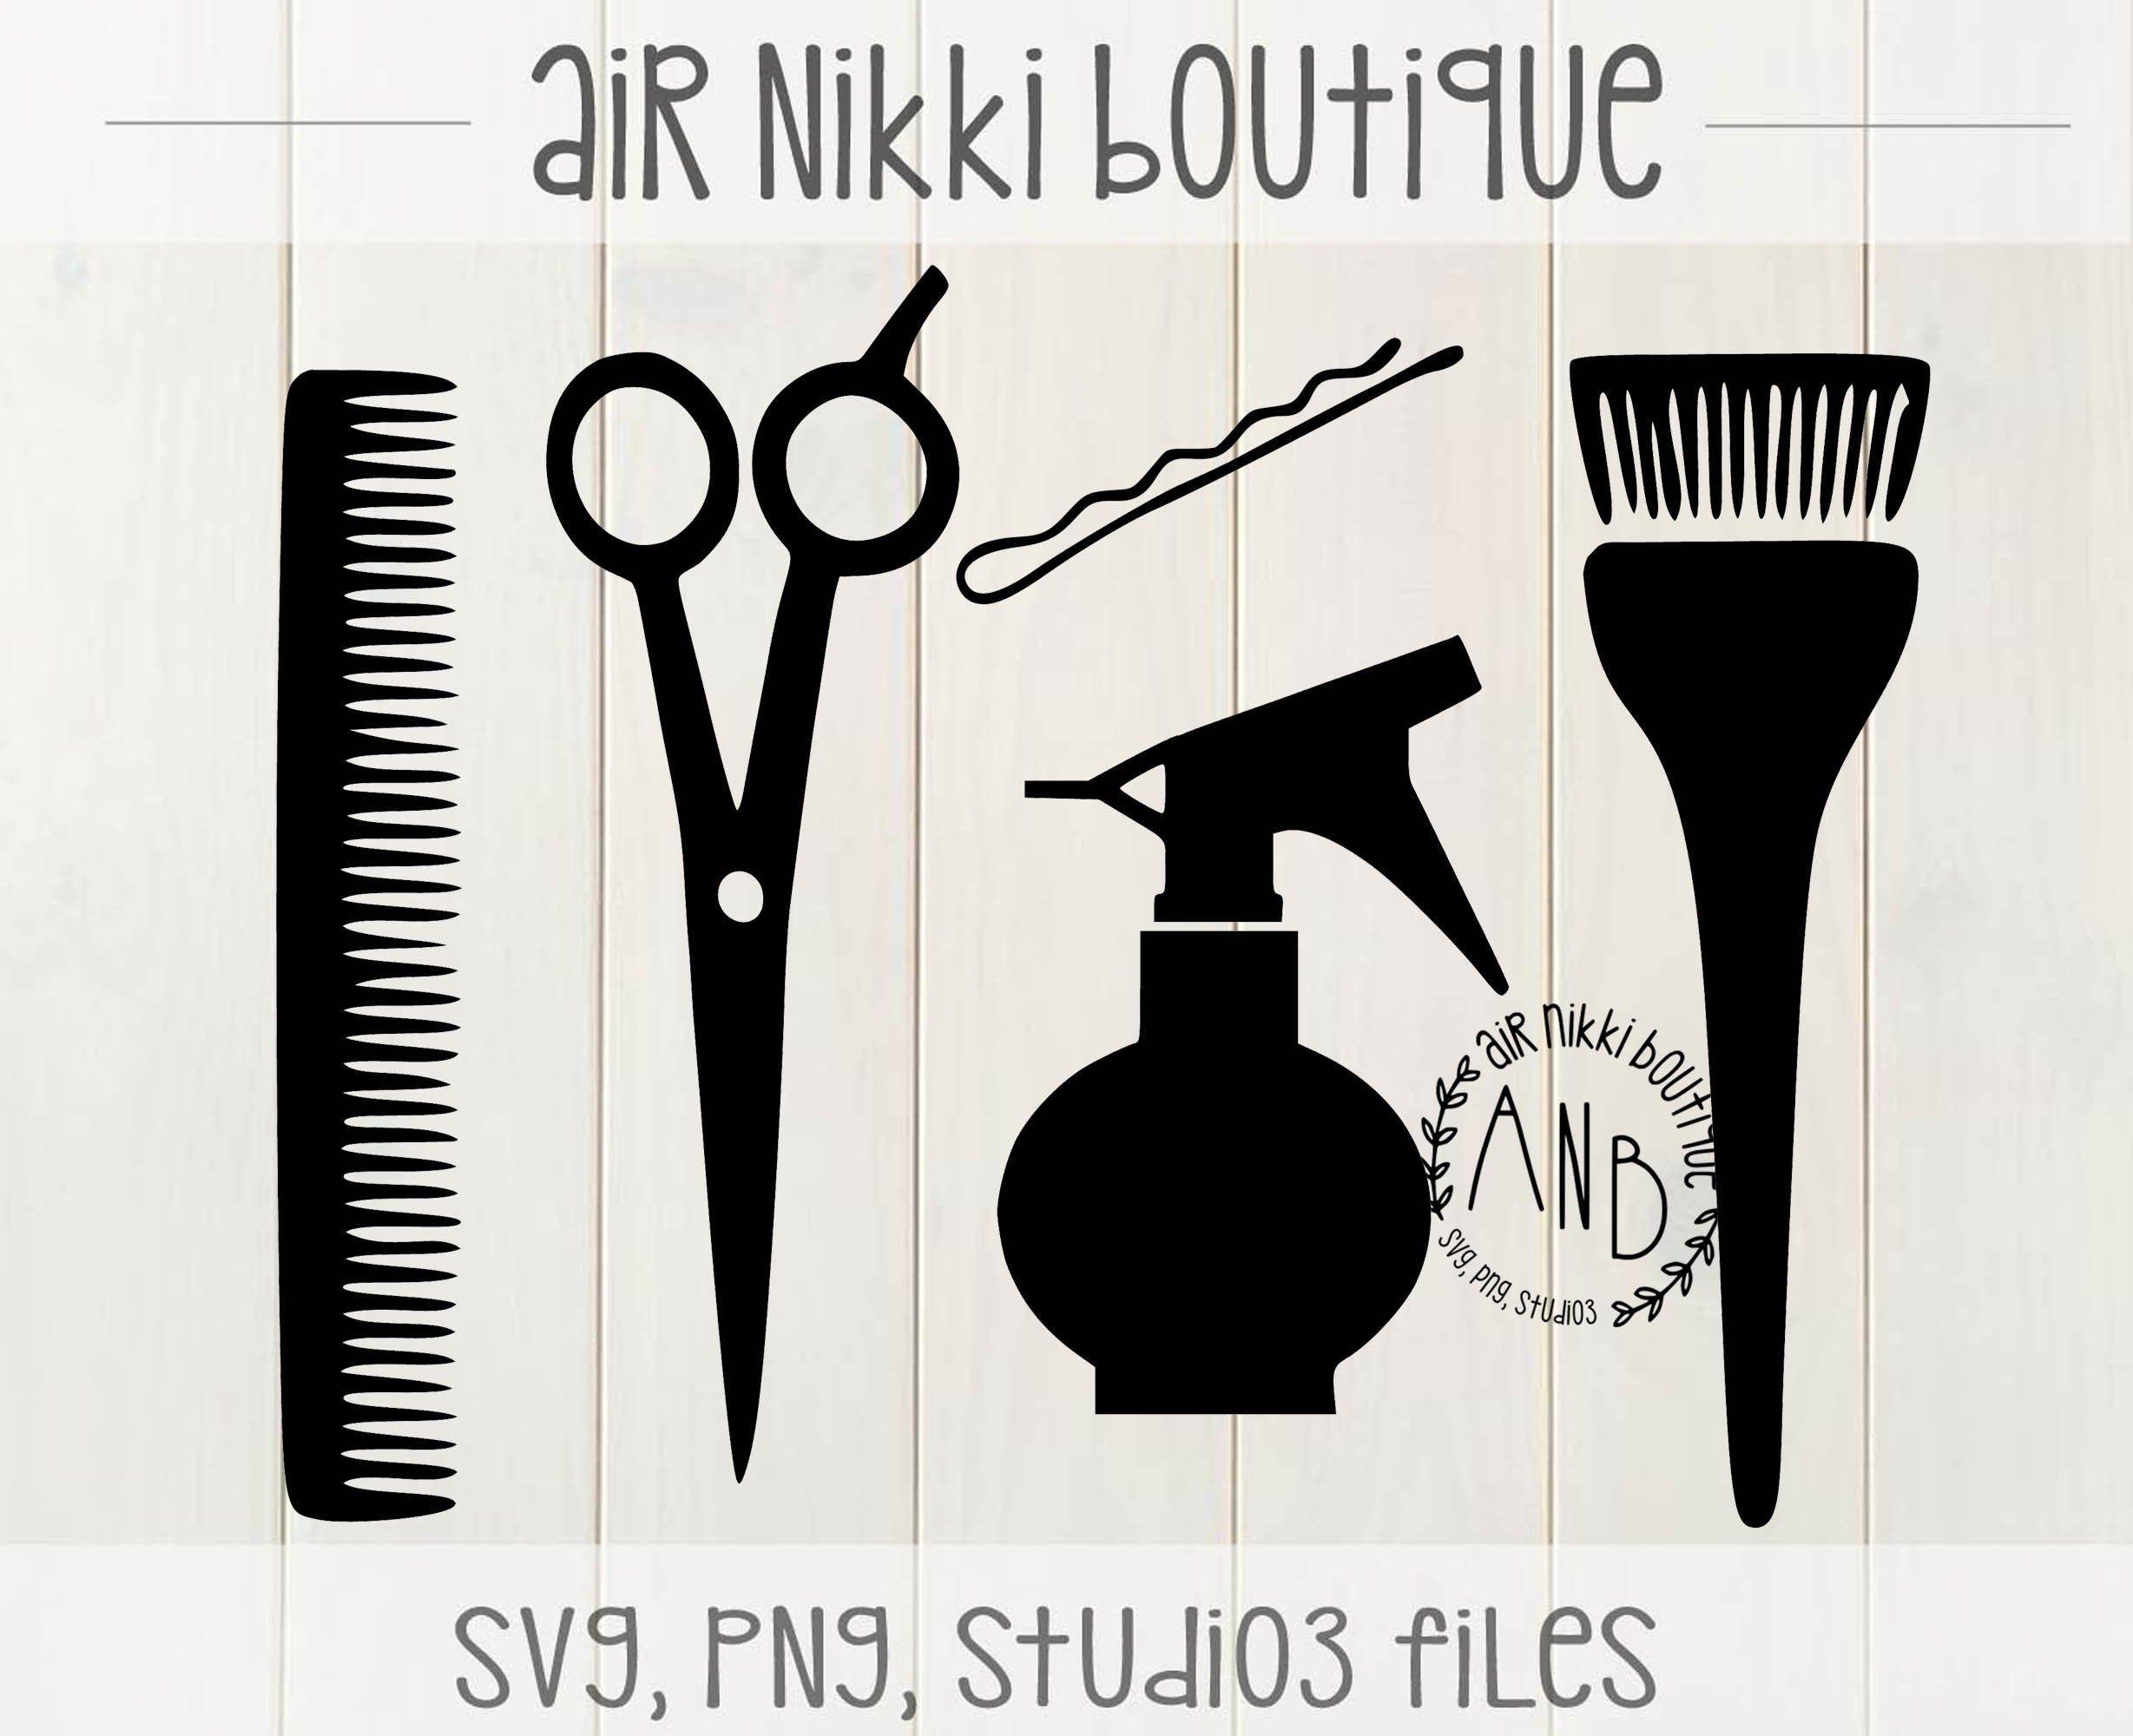 Hair Dresser Comb Scissors Bobby Pin Spray Bottle Dye Brush Svg Png Studio3 Files 300 Dpi Instant Download B Hair Dresser Bobby Pins Hair Salon Tools